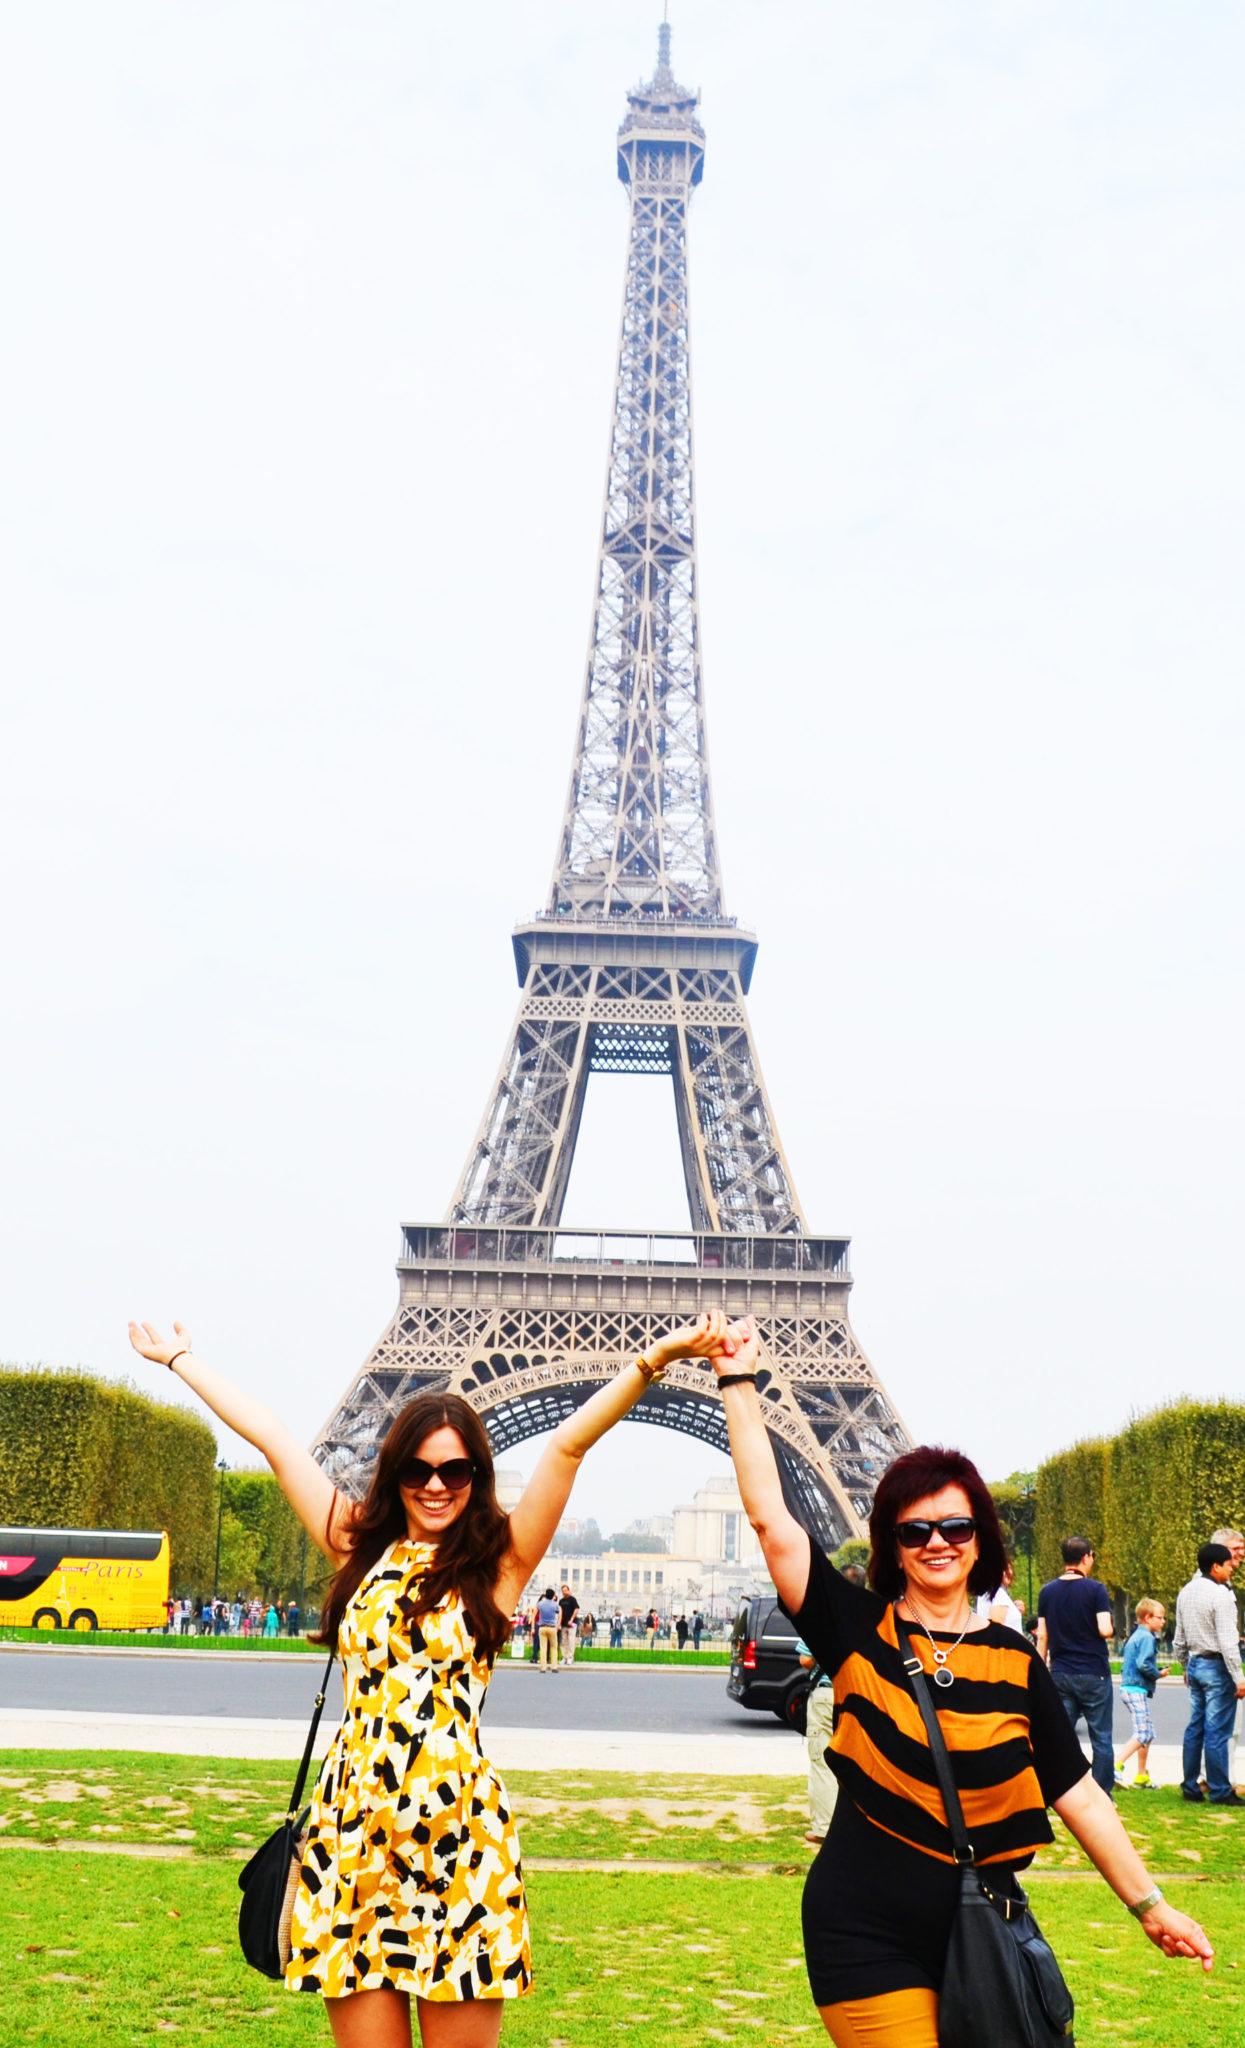 Je t'aime Paris!  Eine köstliche Reise in eine der schönsten Städte der Welt!